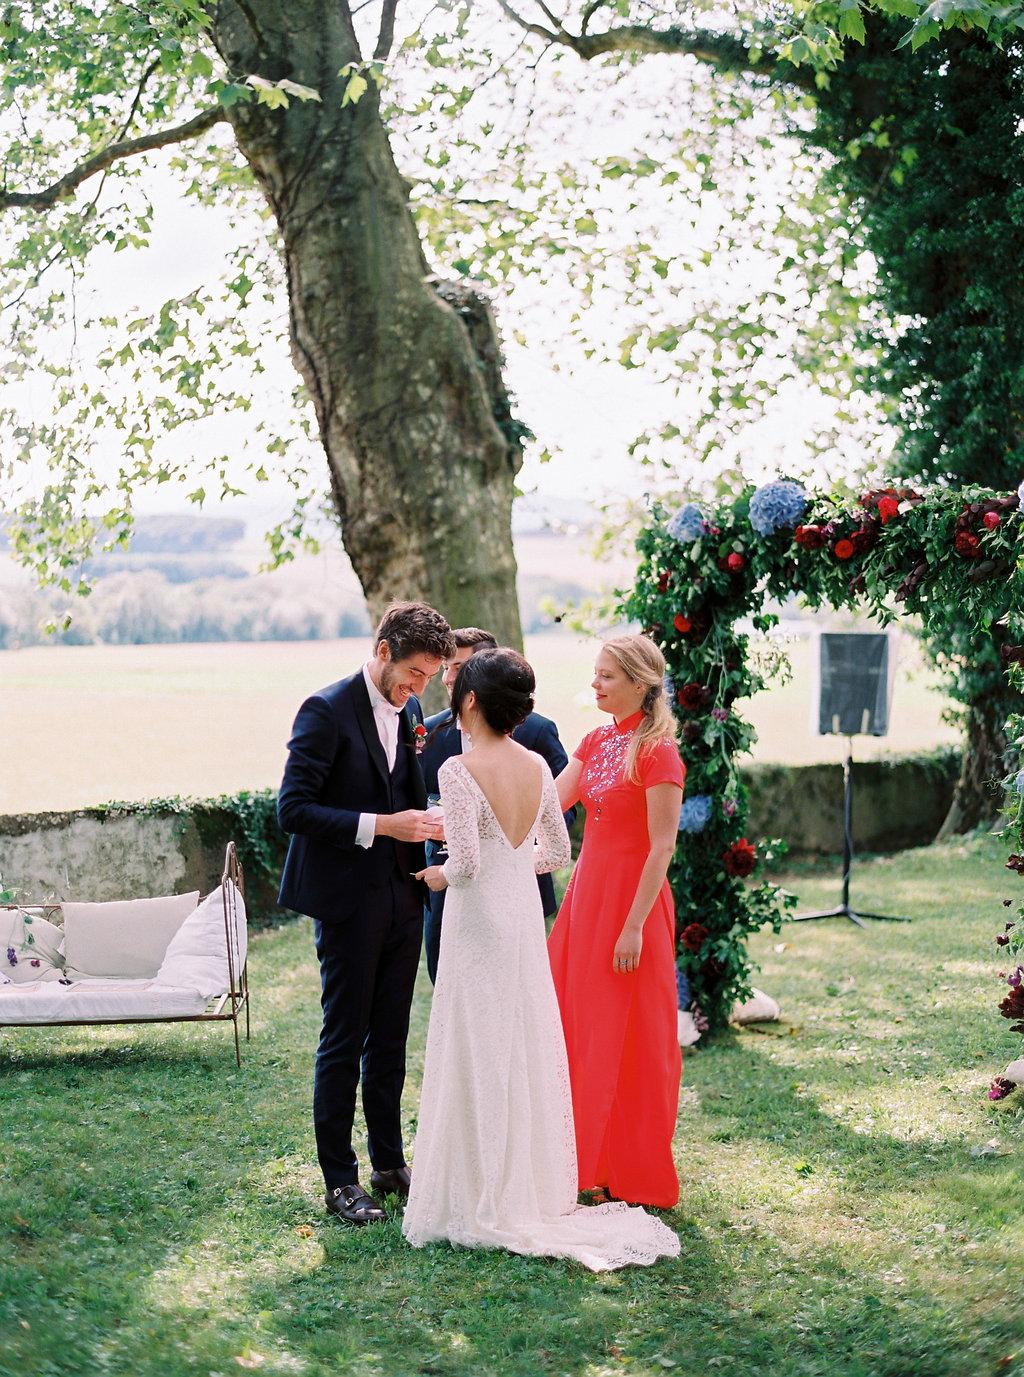 chateau_wedding_elsasebastien-146